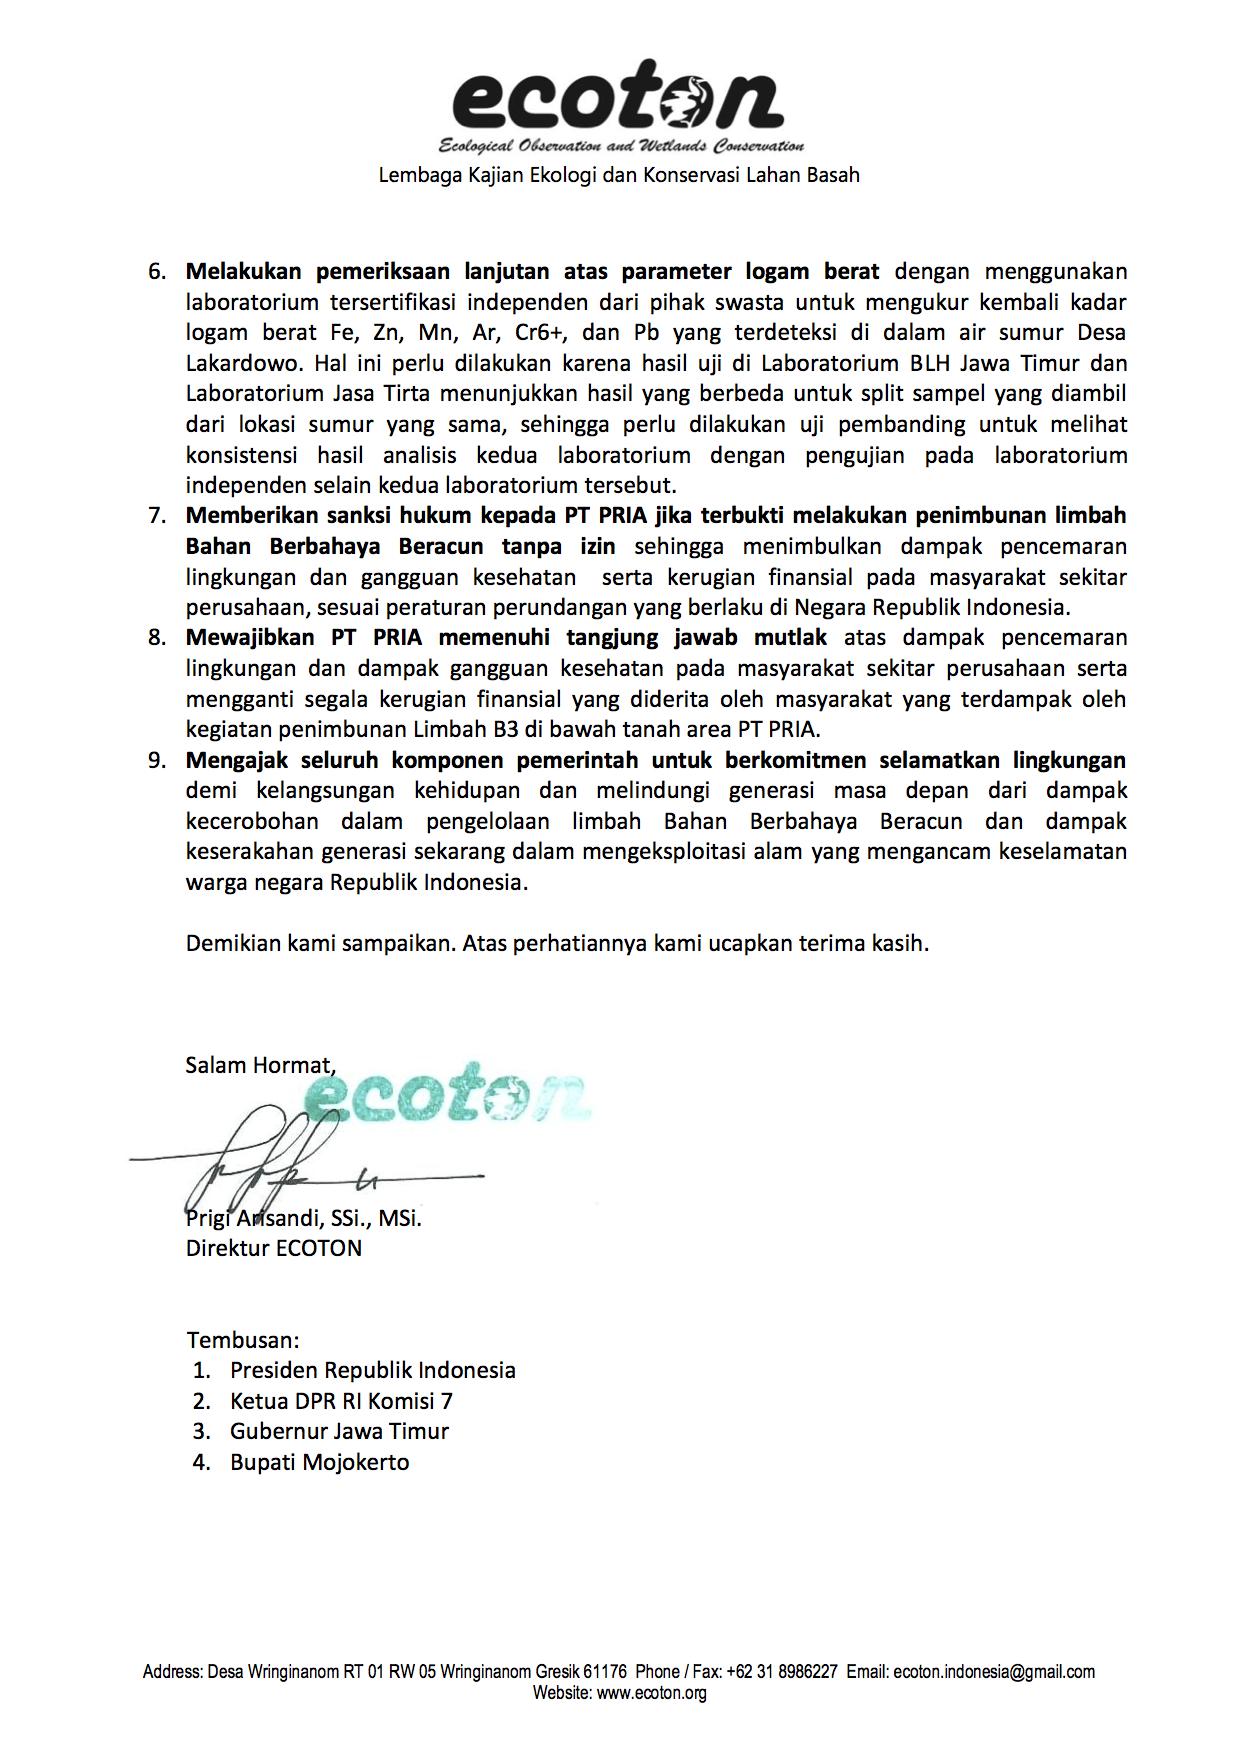 Penolakan Analisis KLHK oleh ECOTON 4